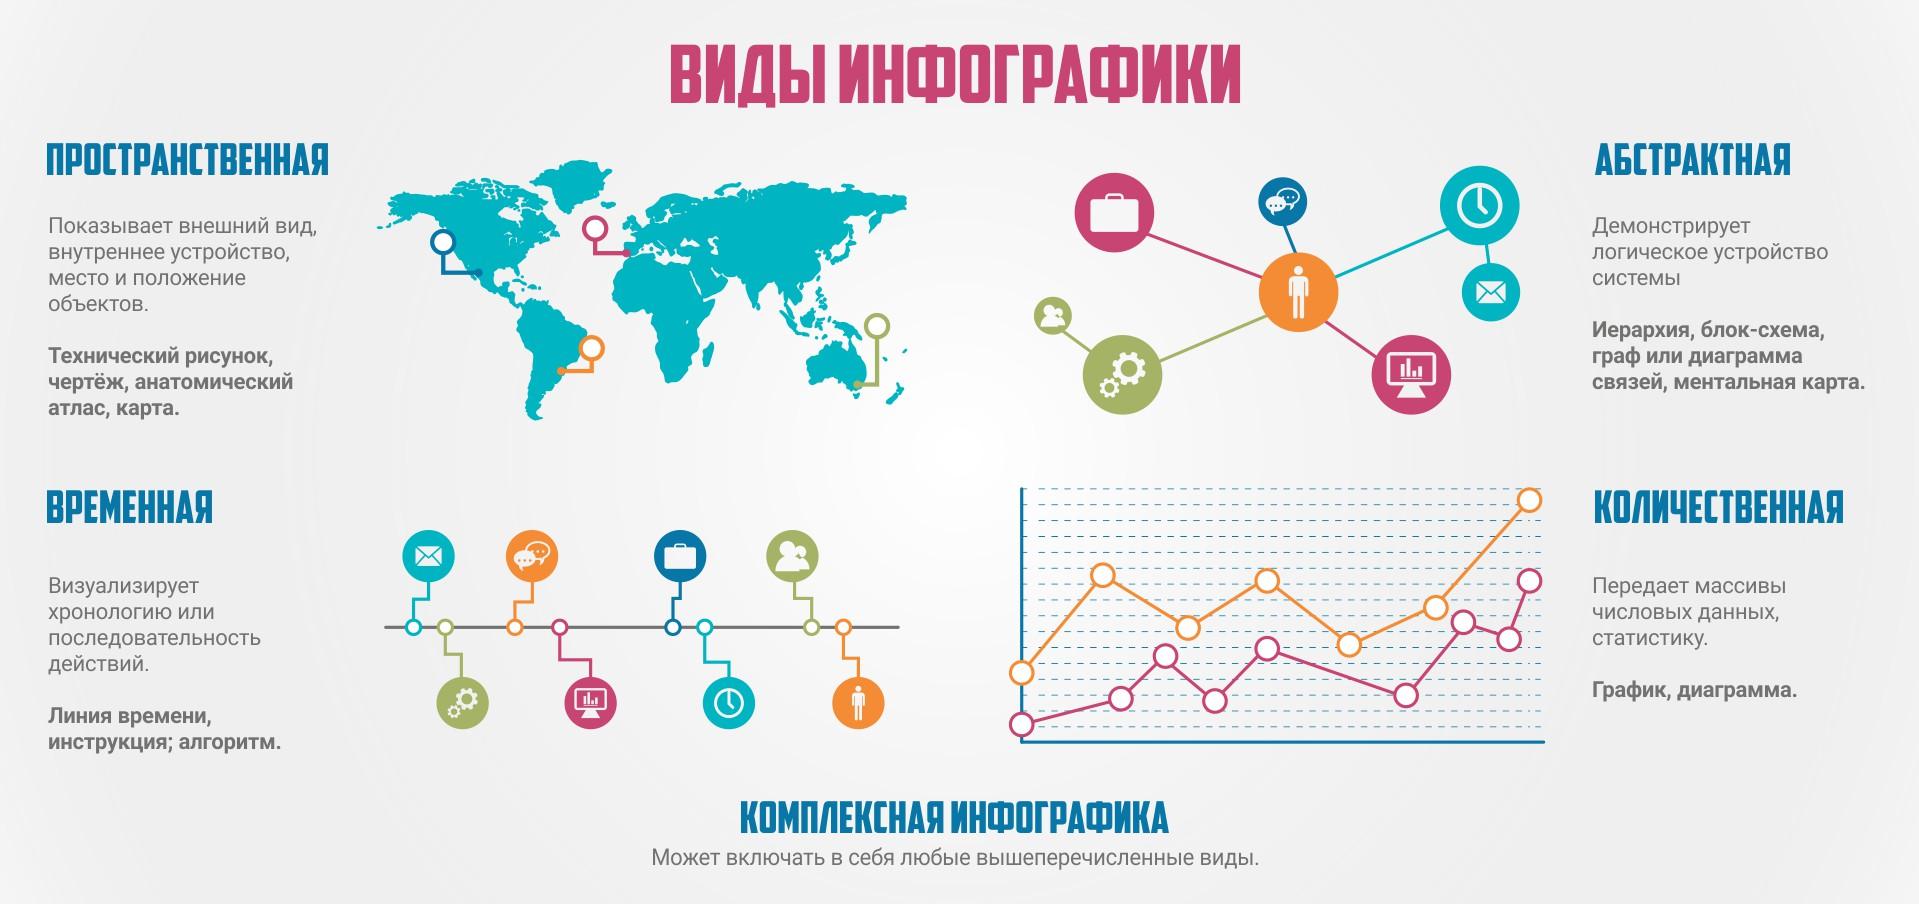 Что такое инфографика? 5 бесплатных онлайн-сервисов для её создания